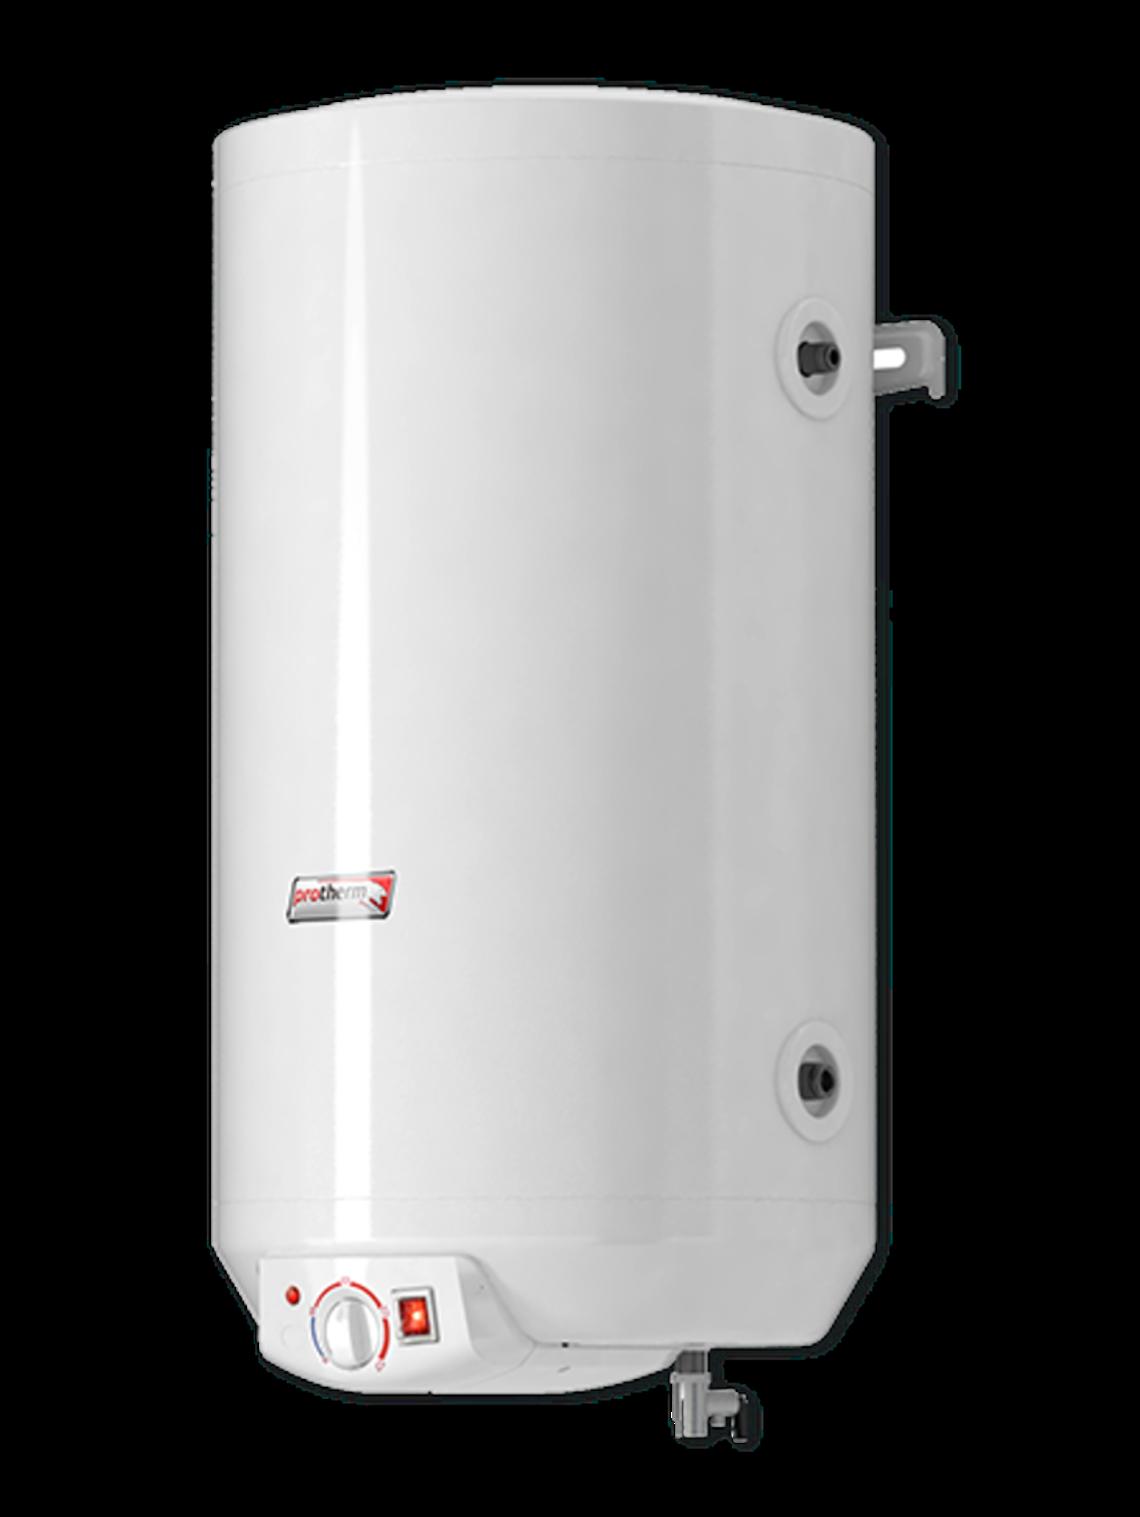 Навесной емкостной теплообменник в киеве для дома чертеж и деталировка кожухотрубного горизонтального теплообменника